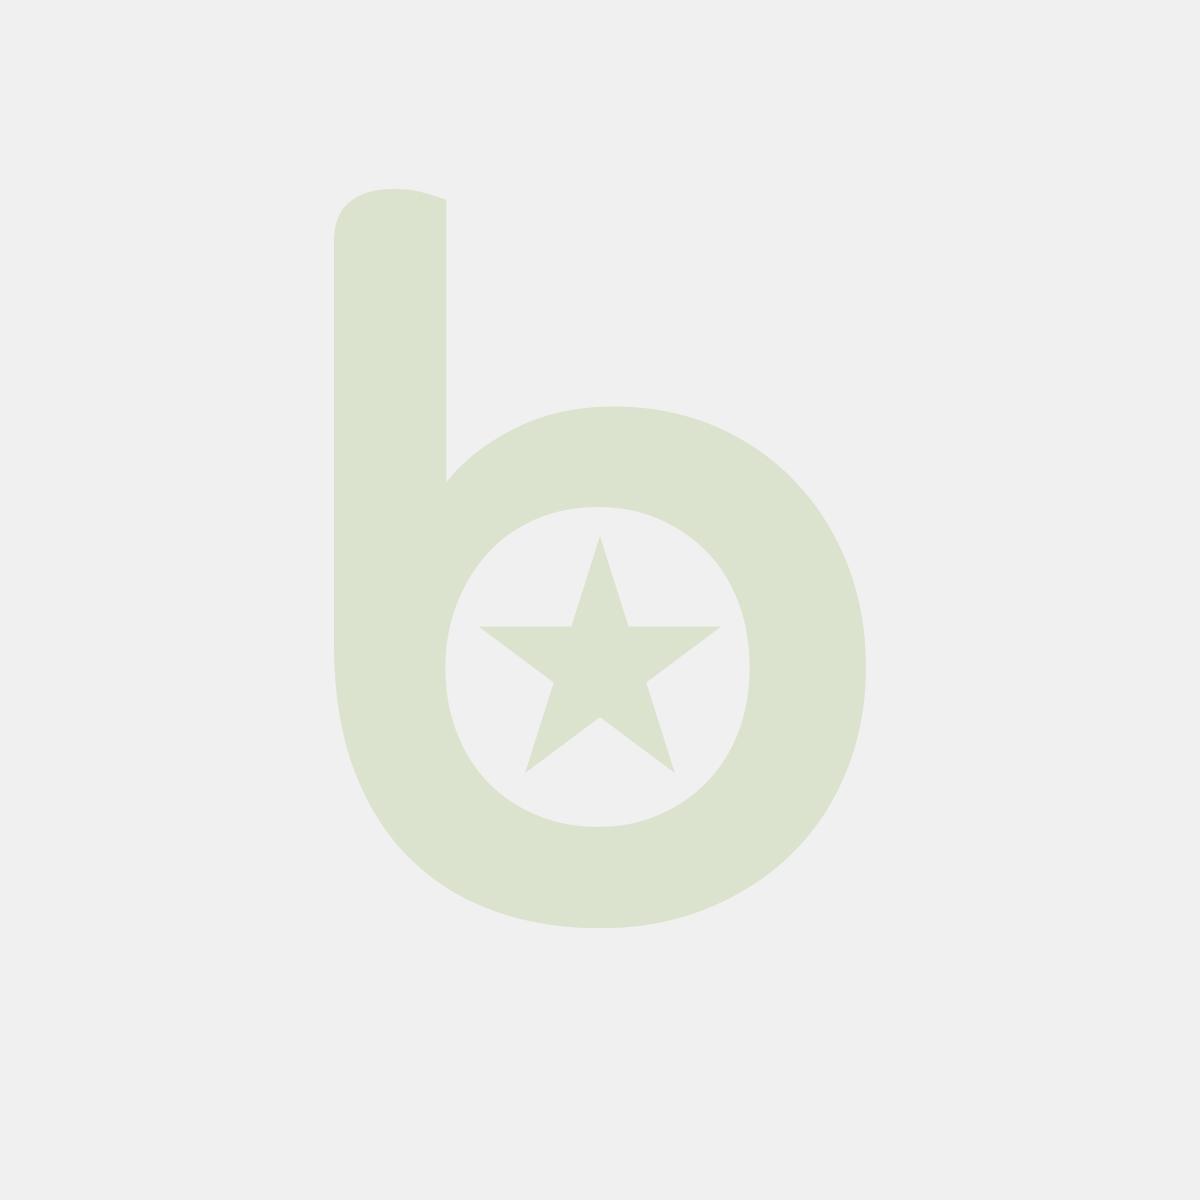 Pokrywka do pojemników GN 1/3 z poliwęglanu - kod 862933